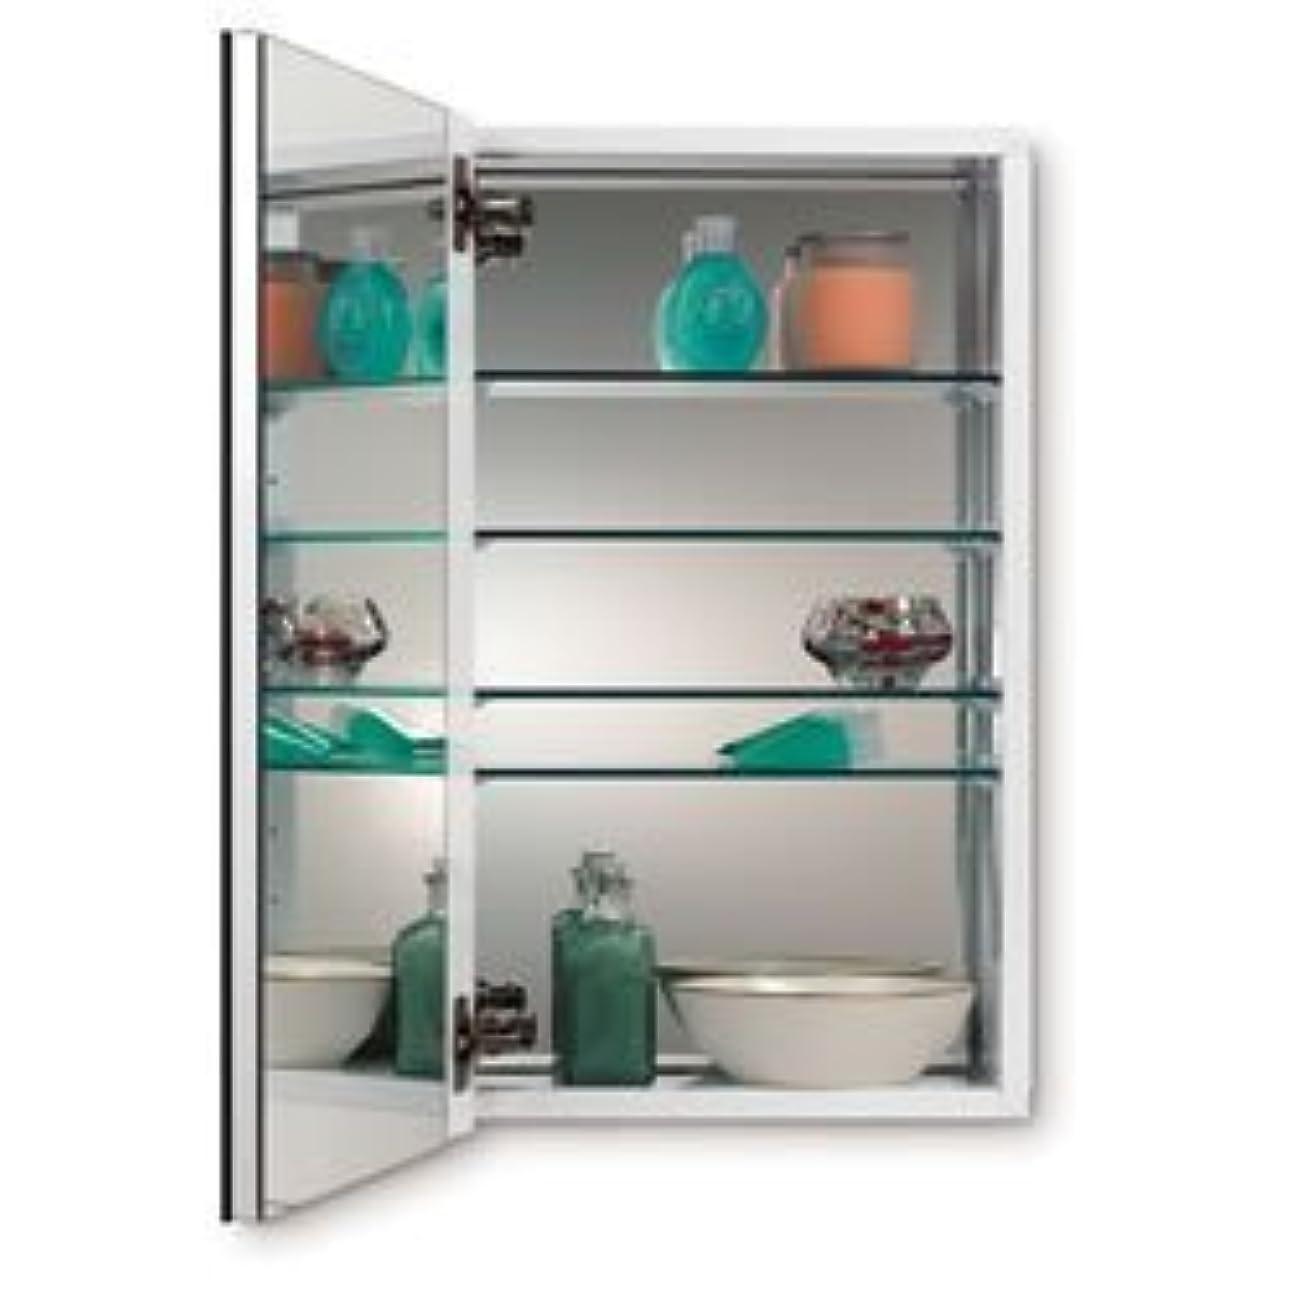 コジオスコキャンドル保育園Jensen Medicine Cabinet 24 Inch 52WH244DPFX 1